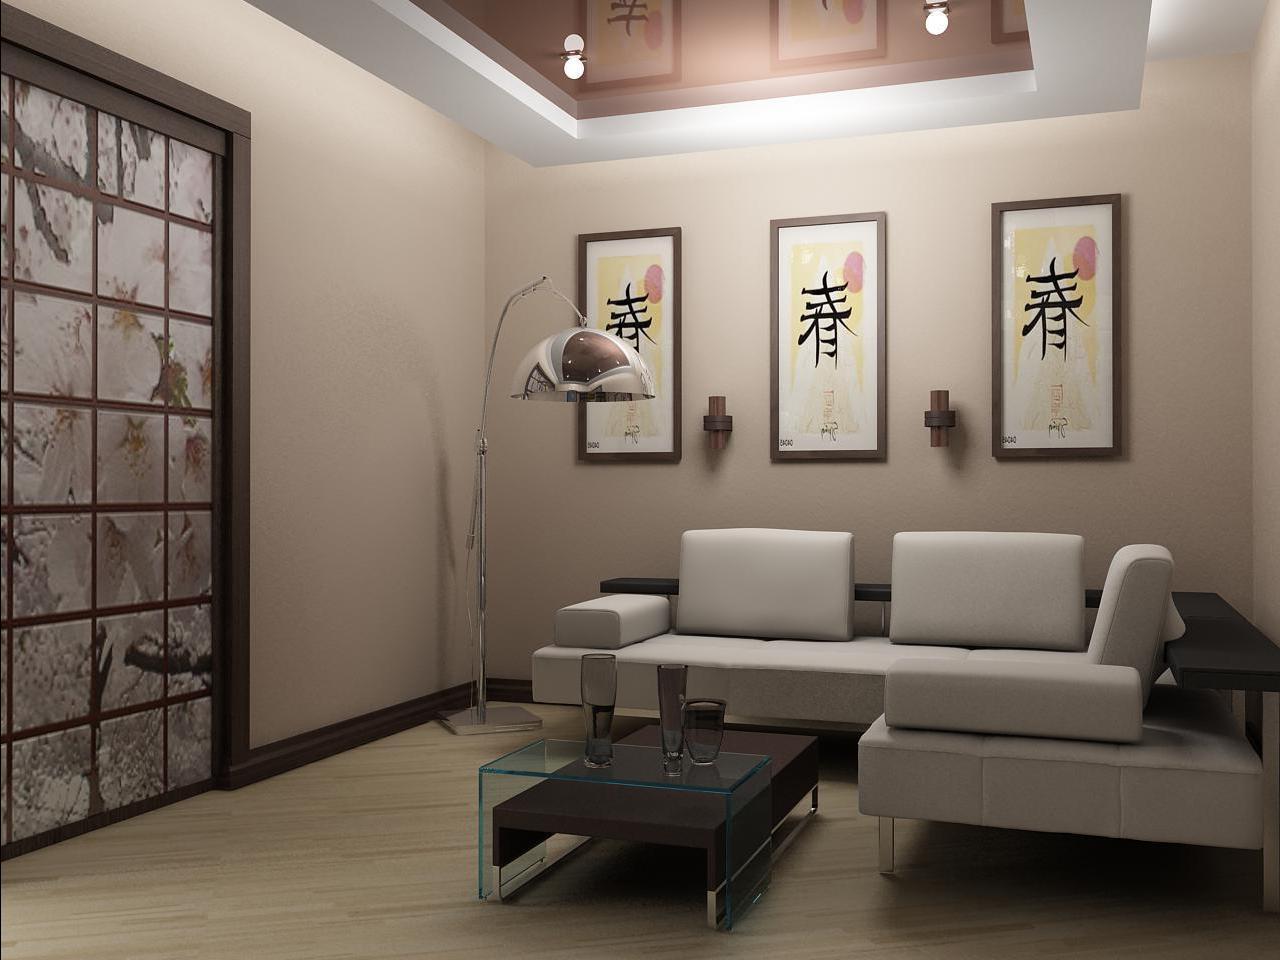 Dizajjn-zala-v-yaponskom-stile-5